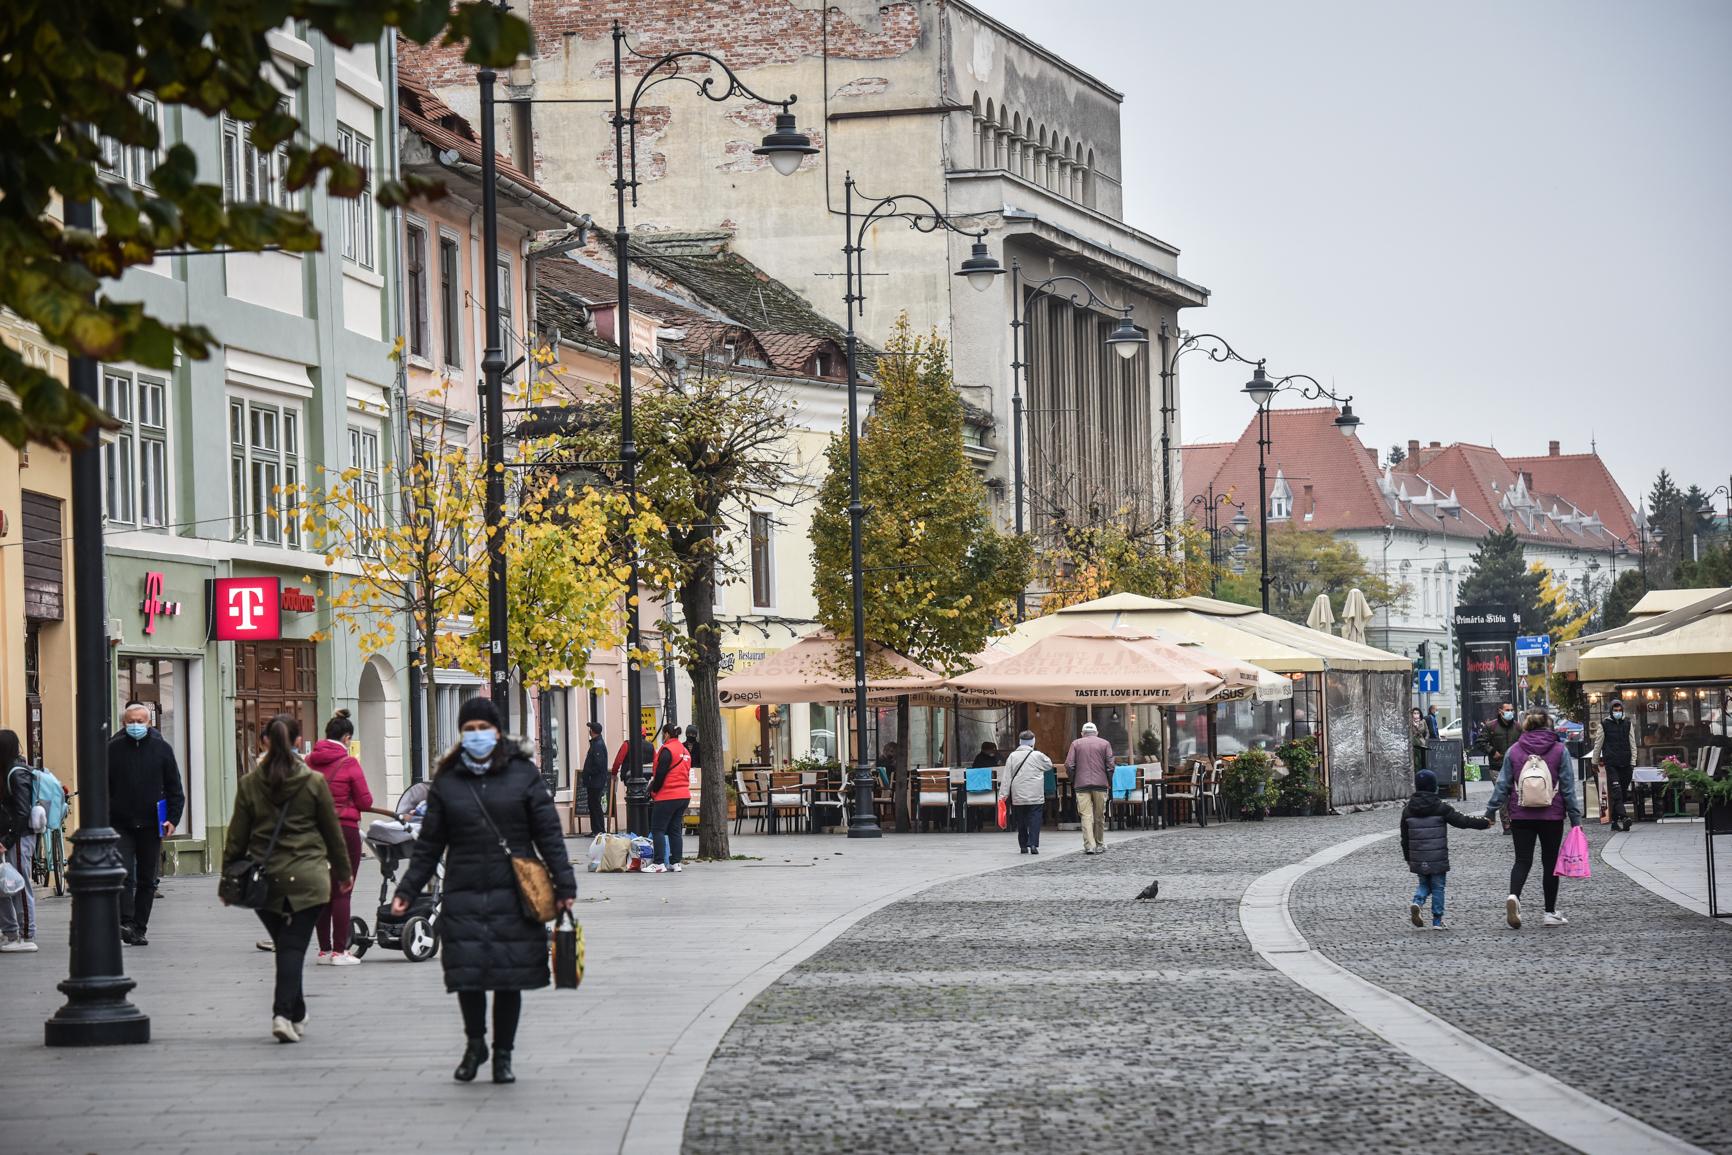 Rata de infectare în județul Sibiu scade la de la 1,79 la 1,71